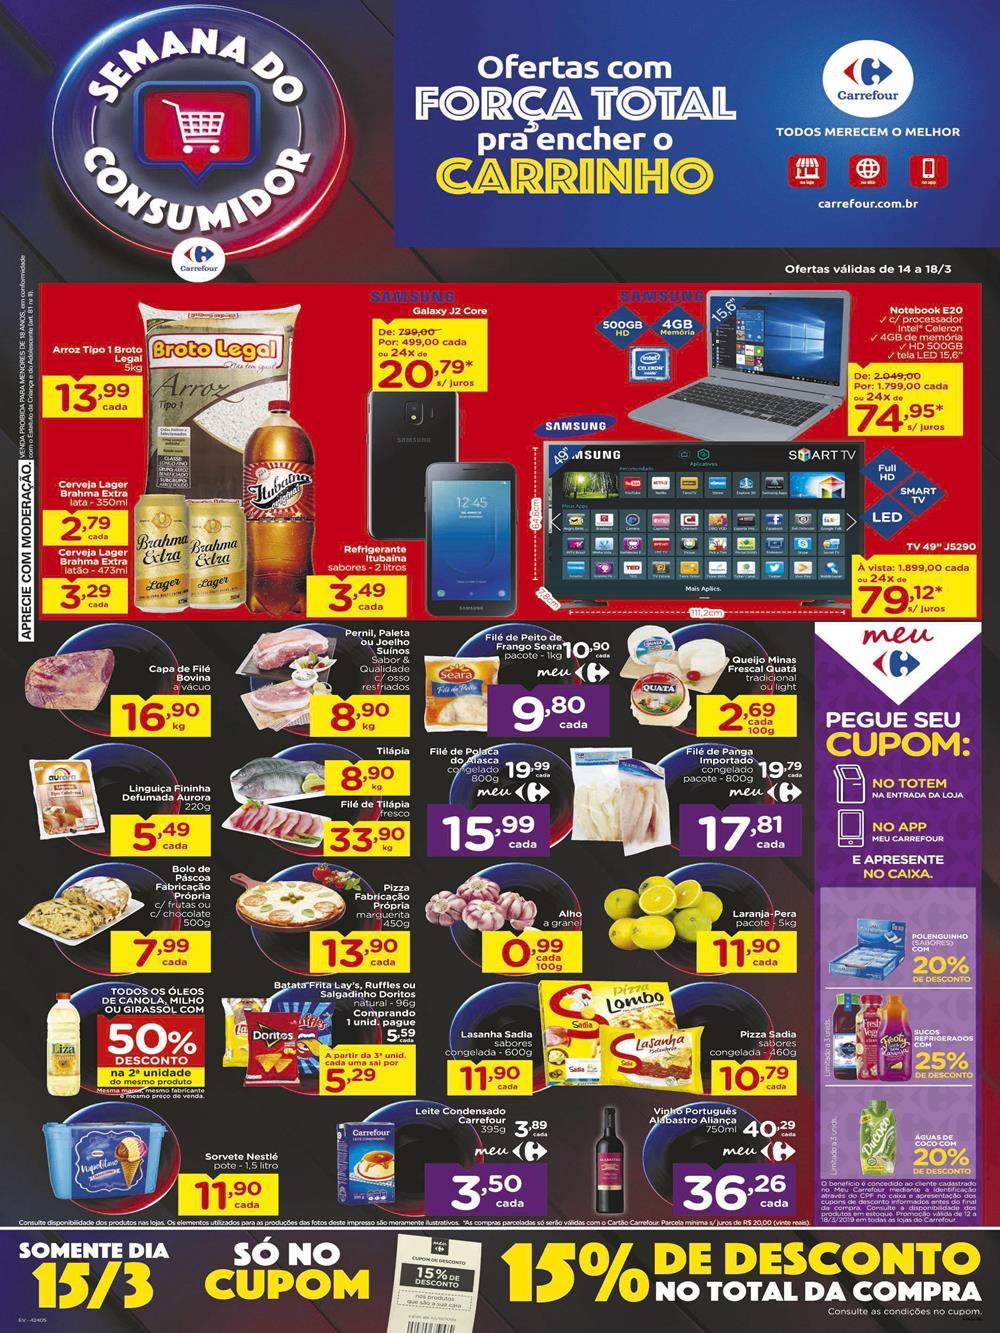 Ofertas-Carrefour1-10-1 Folheto Semana do Consumidor Carrefour válido até 18/03: confira!